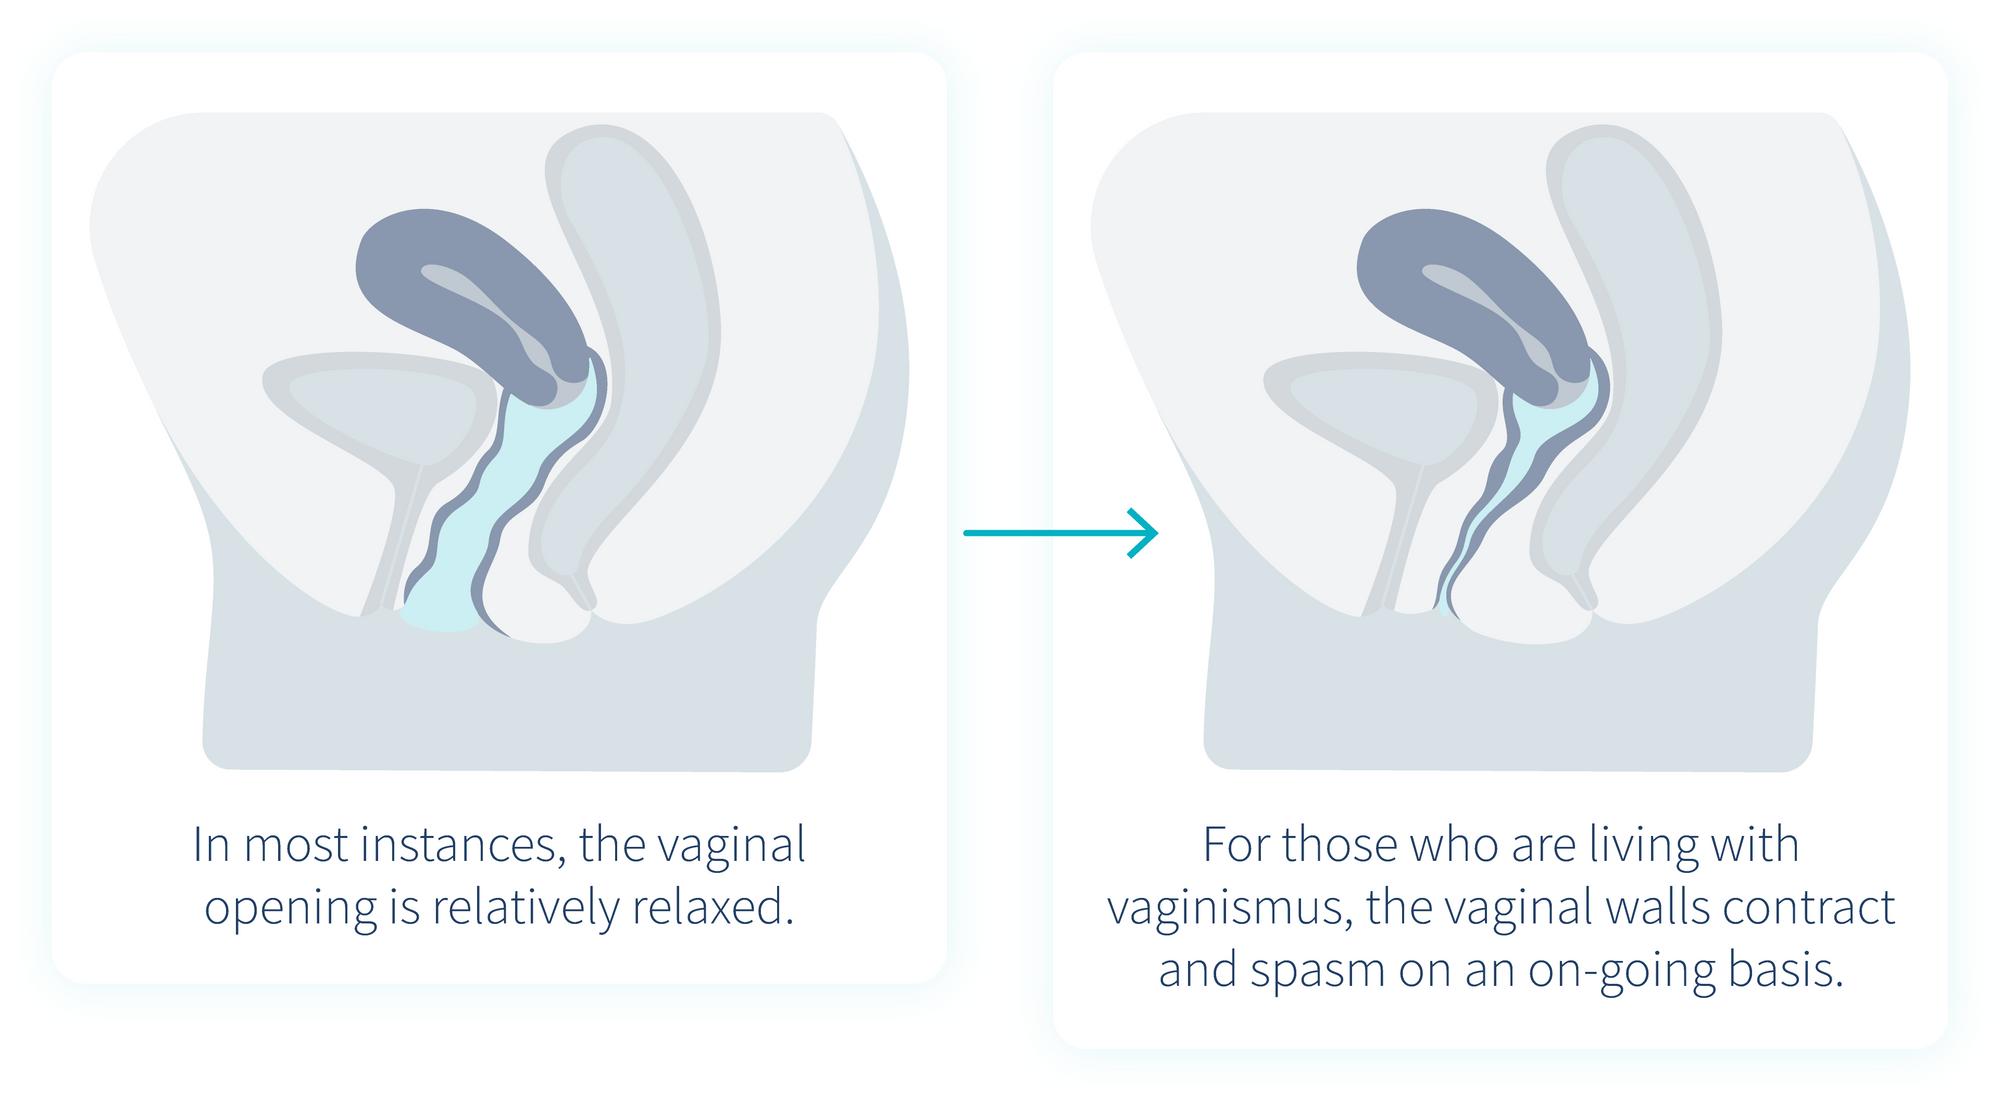 vaginismus-vs-no-vaginismus-1